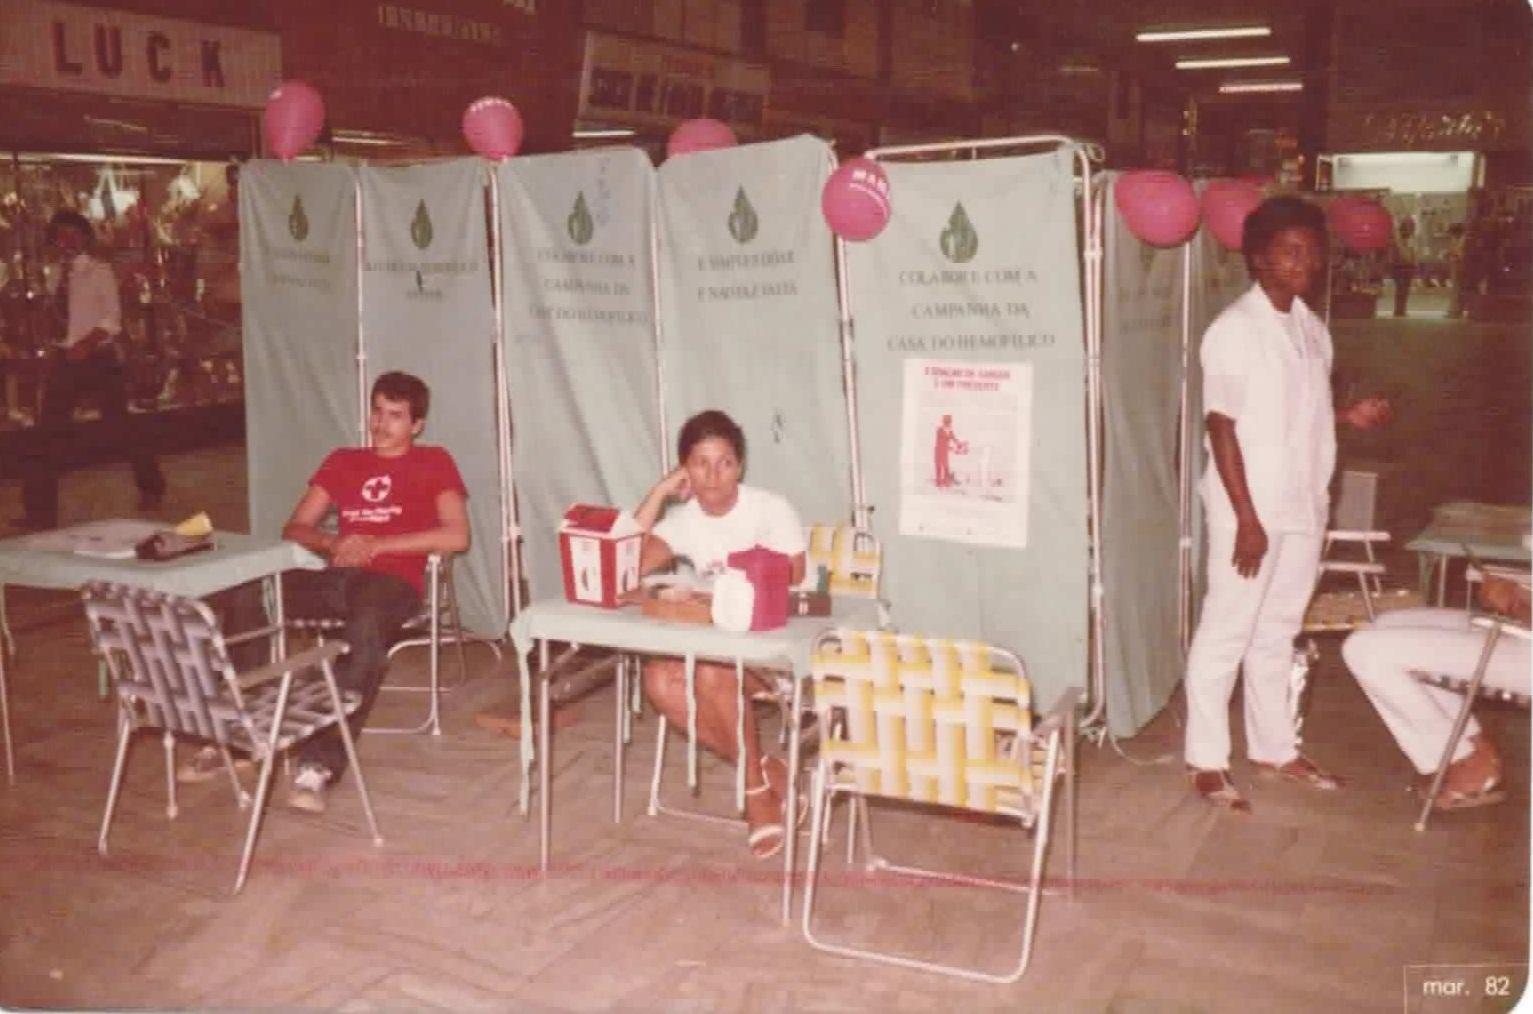 AEC promovendo campanha vacinação